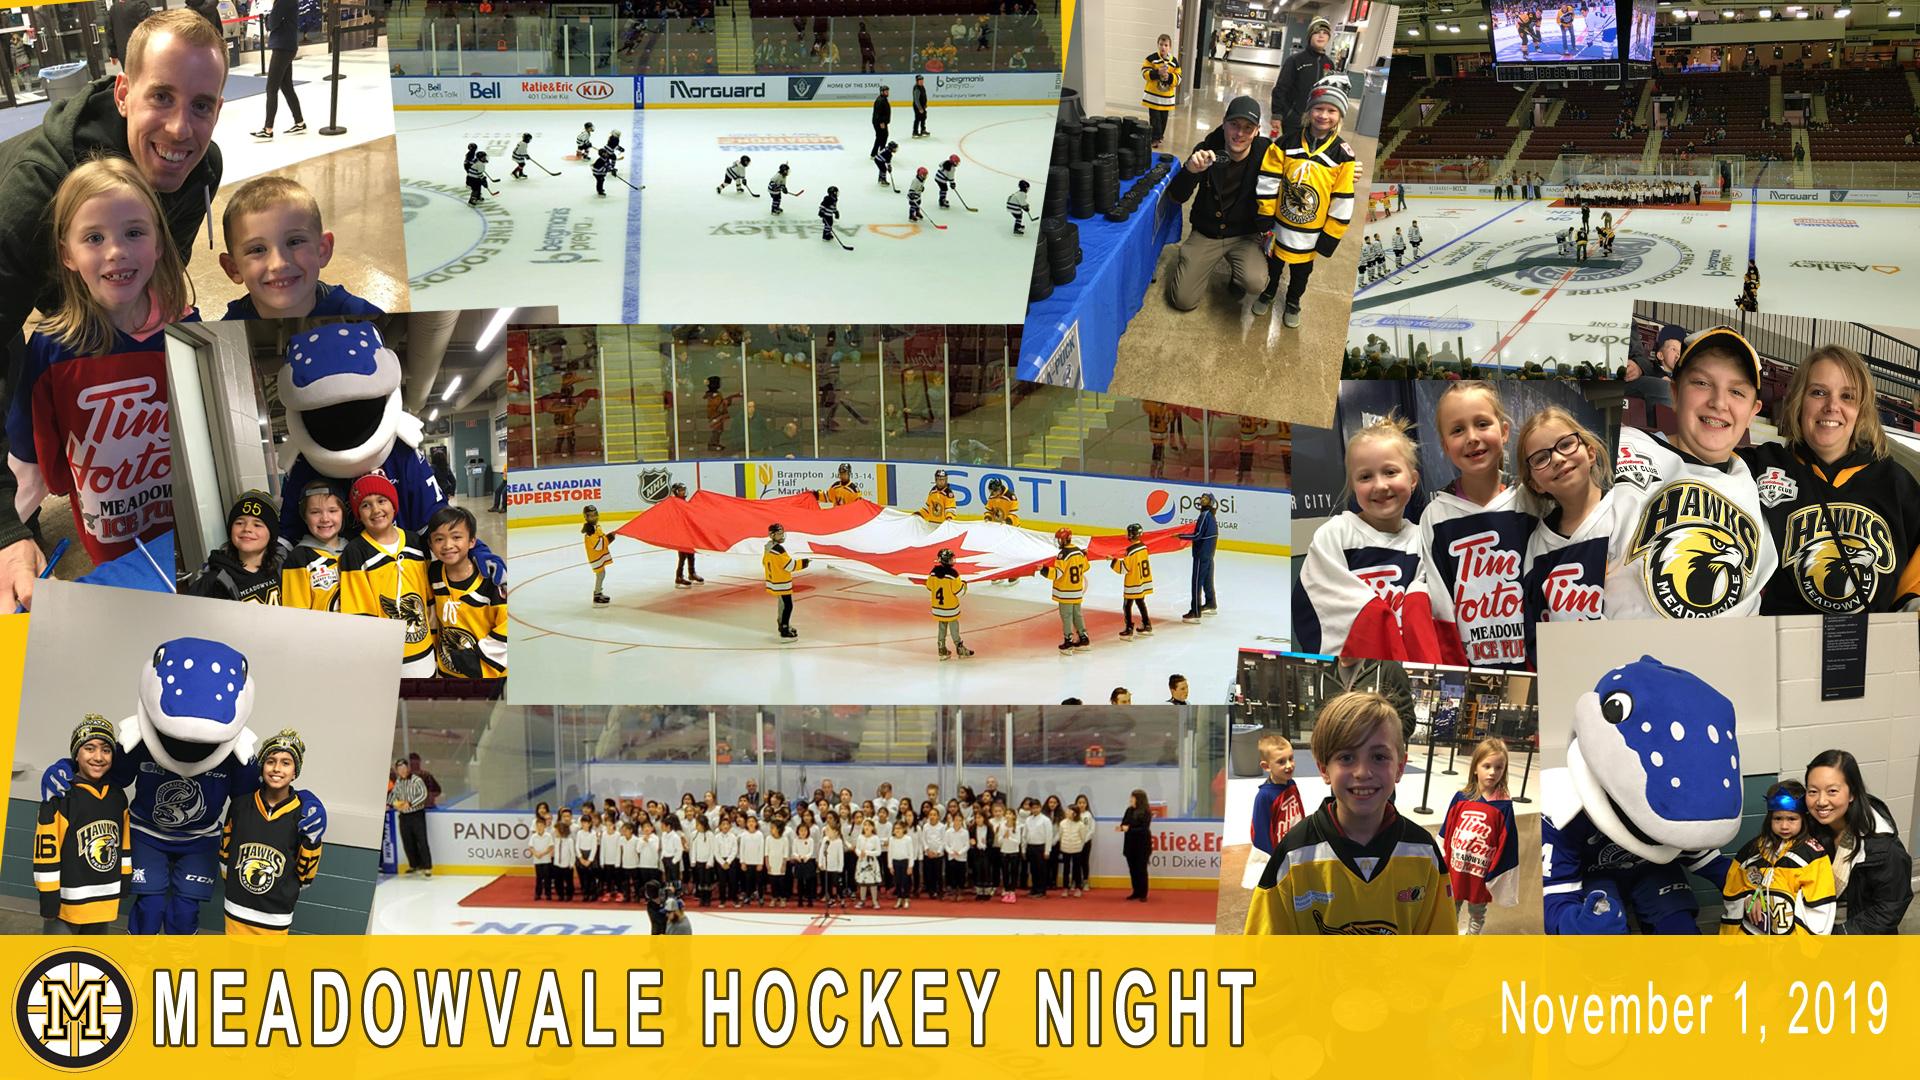 Meadowvale Hockey Night -Mississauga Steelheads Game – Nov 1, 2019